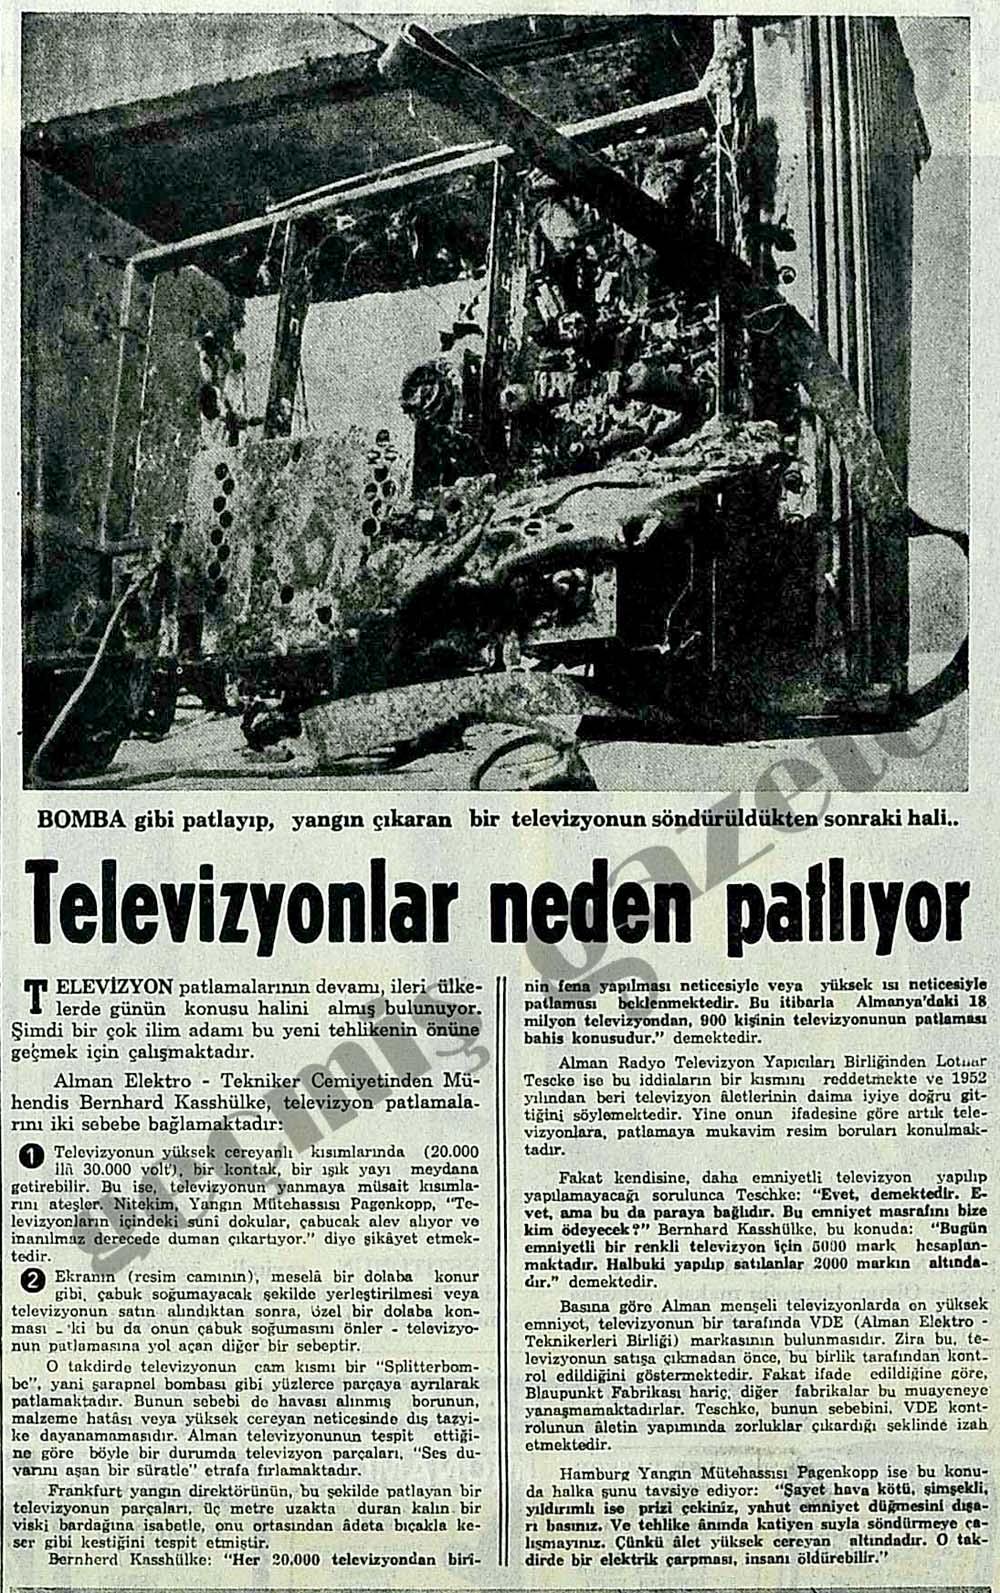 Televizyonlar neden patlıyor